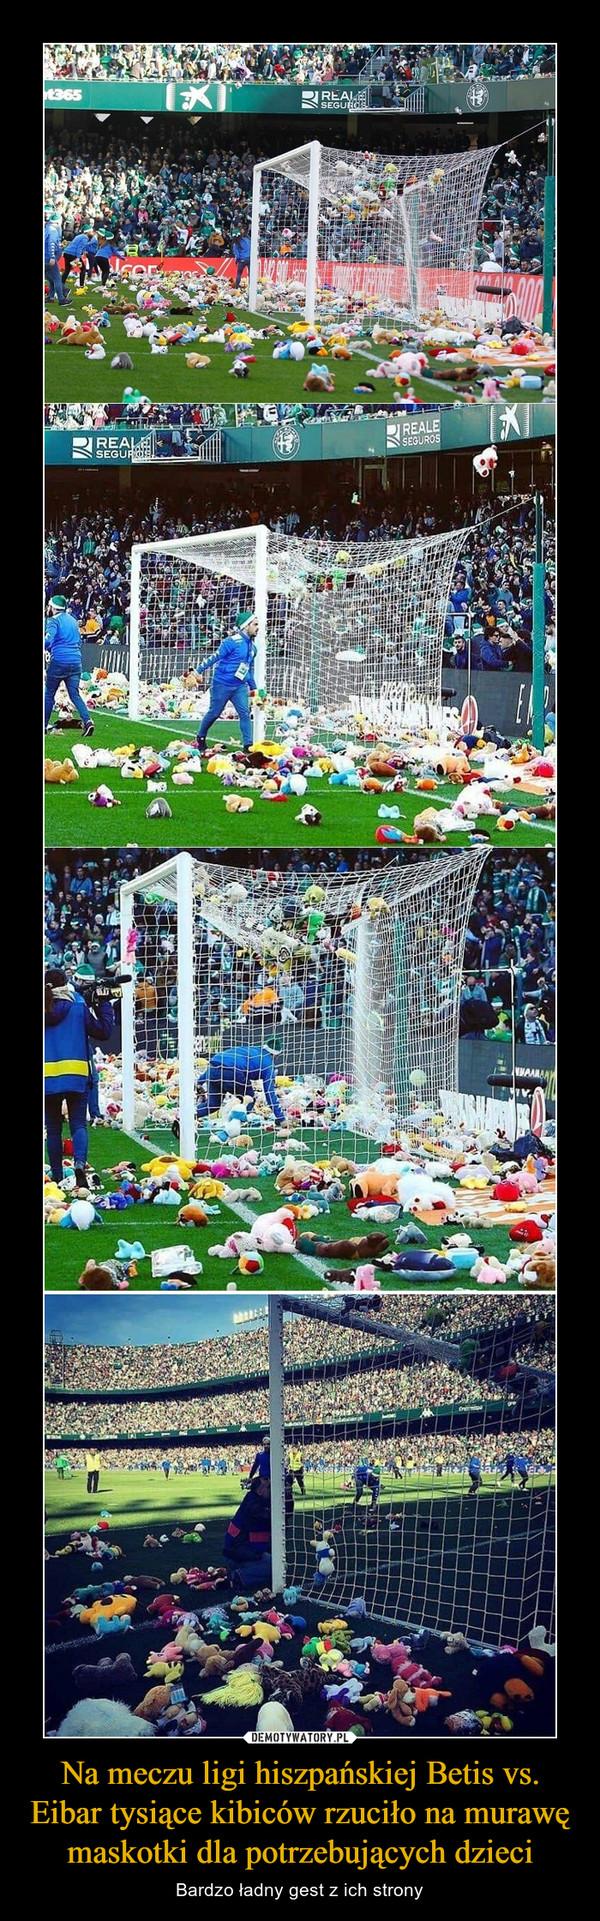 Na meczu ligi hiszpańskiej Betis vs. Eibar tysiące kibiców rzuciło na murawę maskotki dla potrzebujących dzieci – Bardzo ładny gest z ich strony